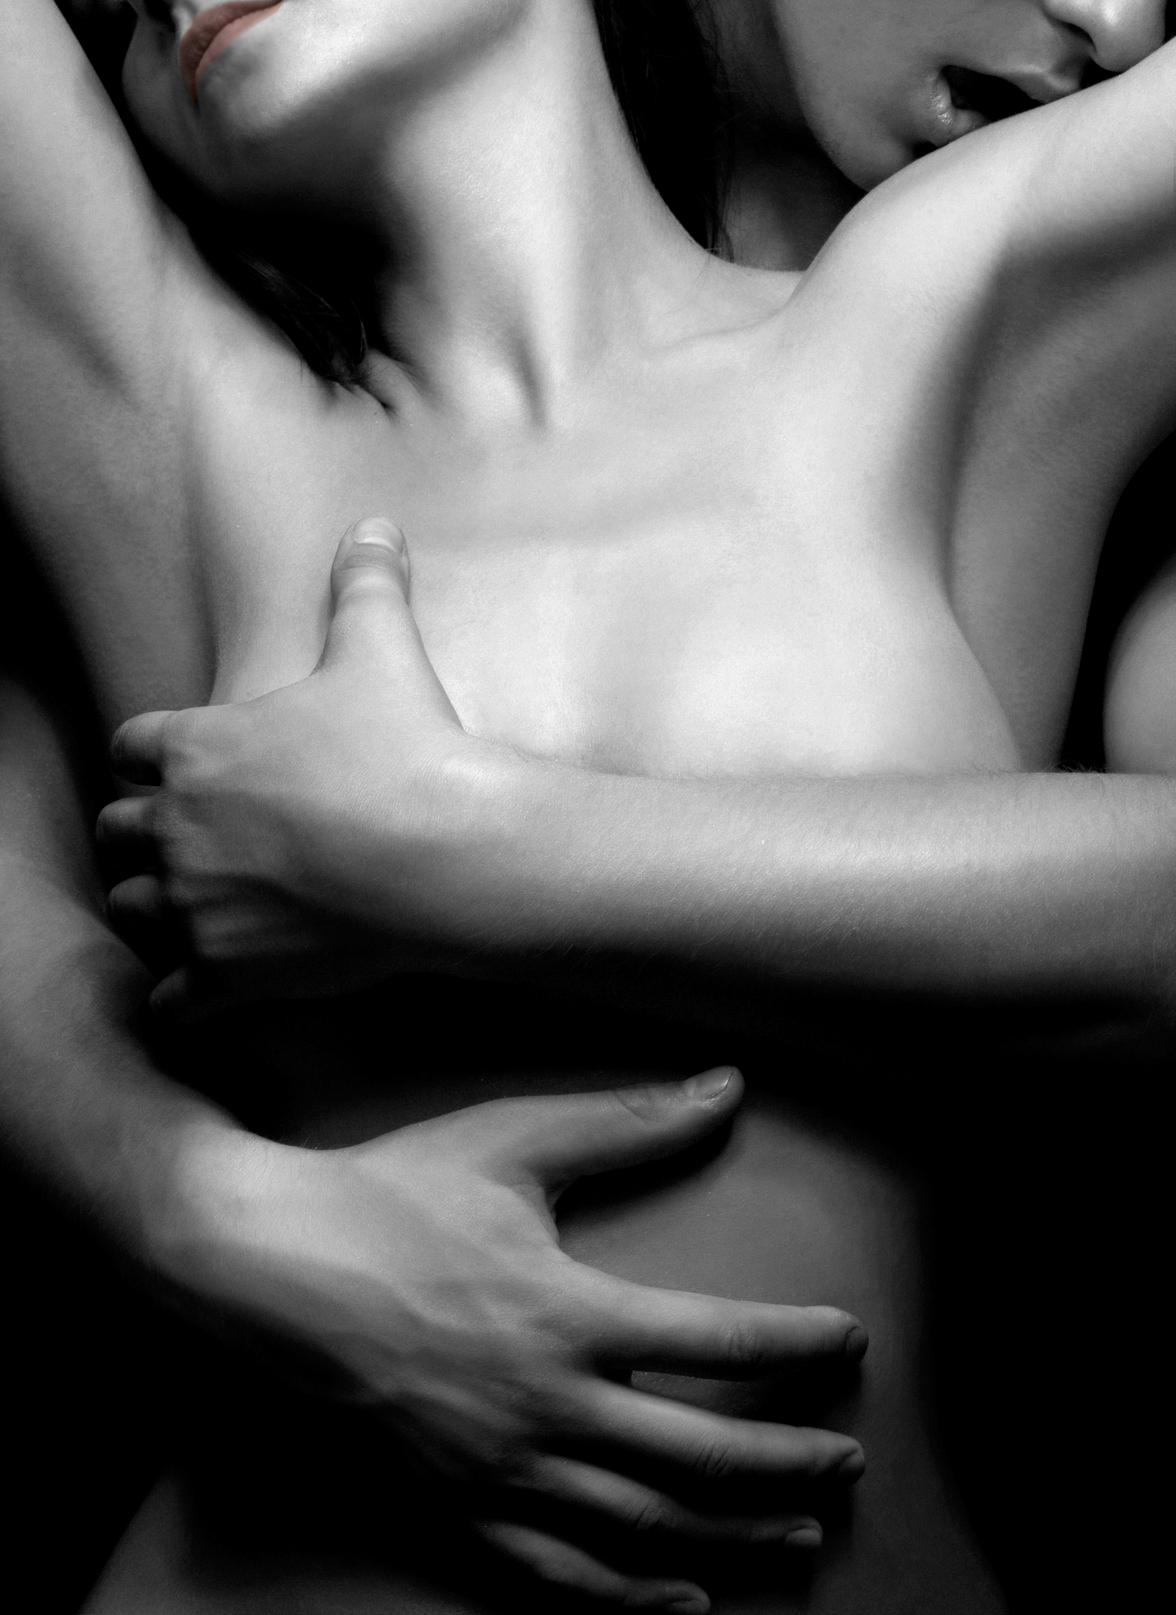 Naked hug romance